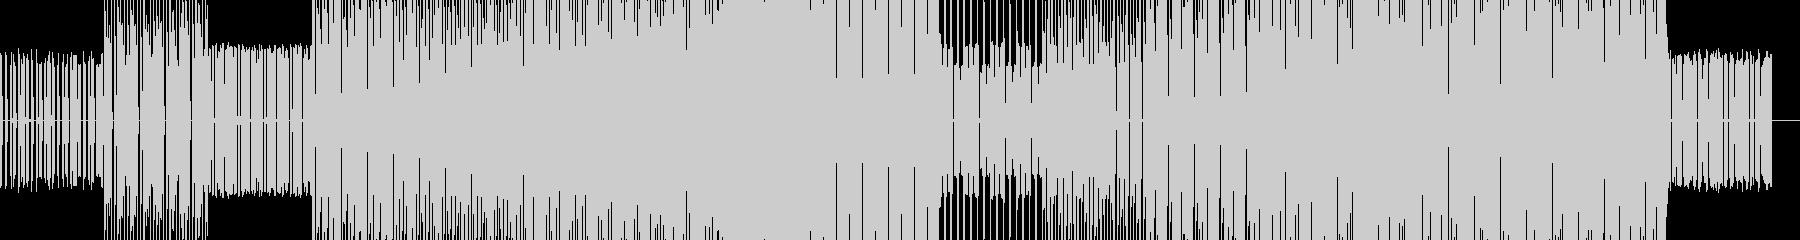 コンピューター的なエレクトロニカの未再生の波形